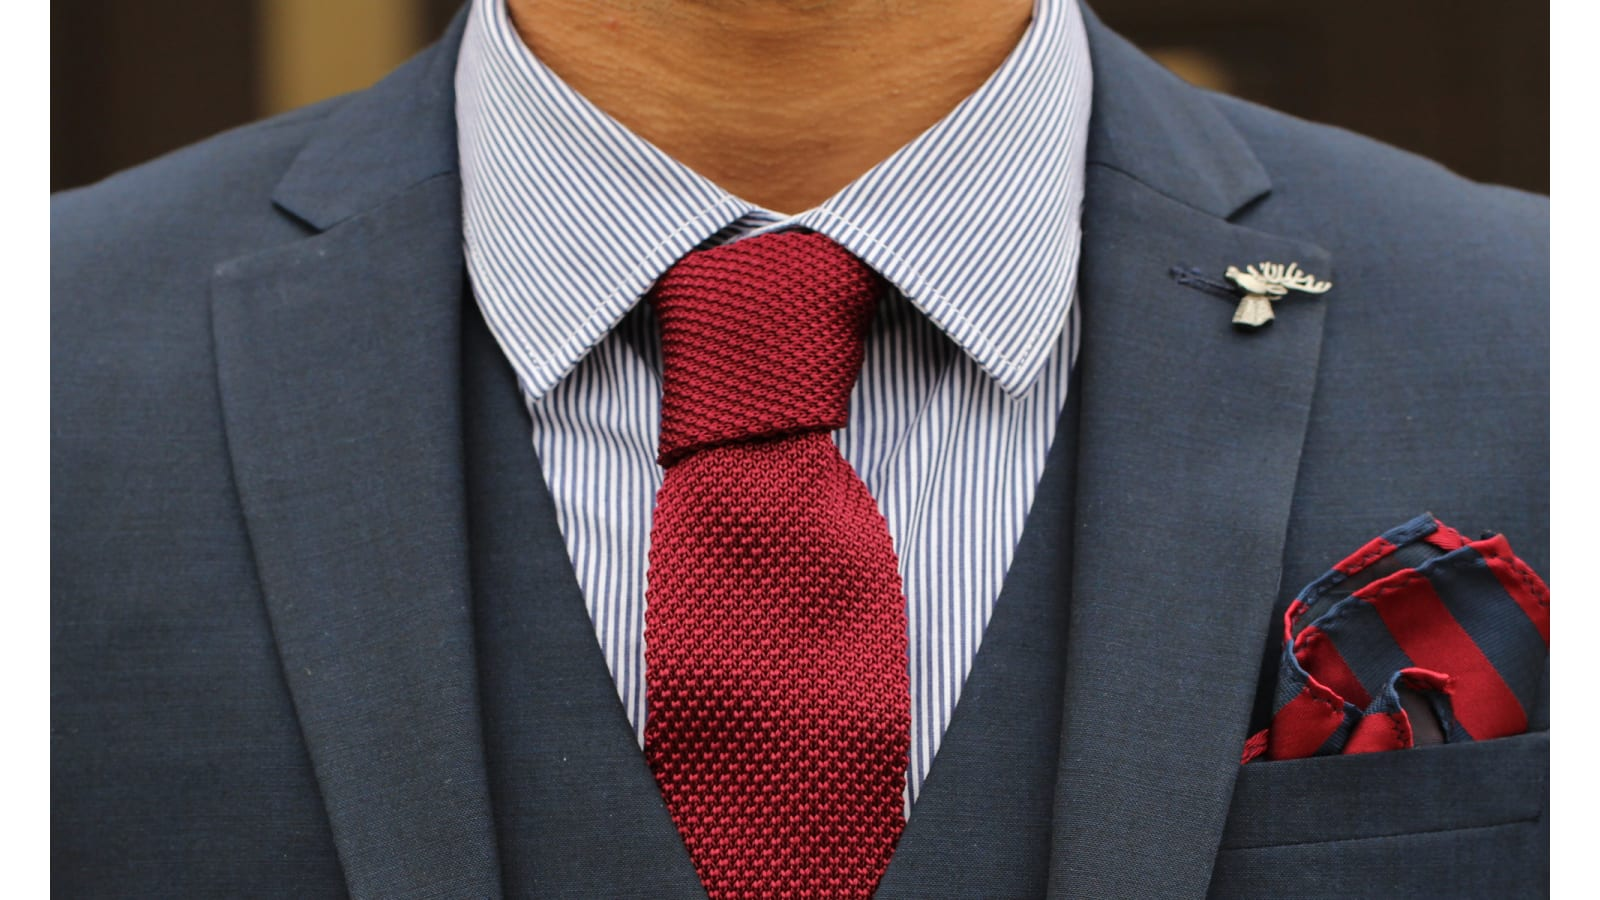 09a6db94640 Hur du förvarar, gör rent & stryker slipsar